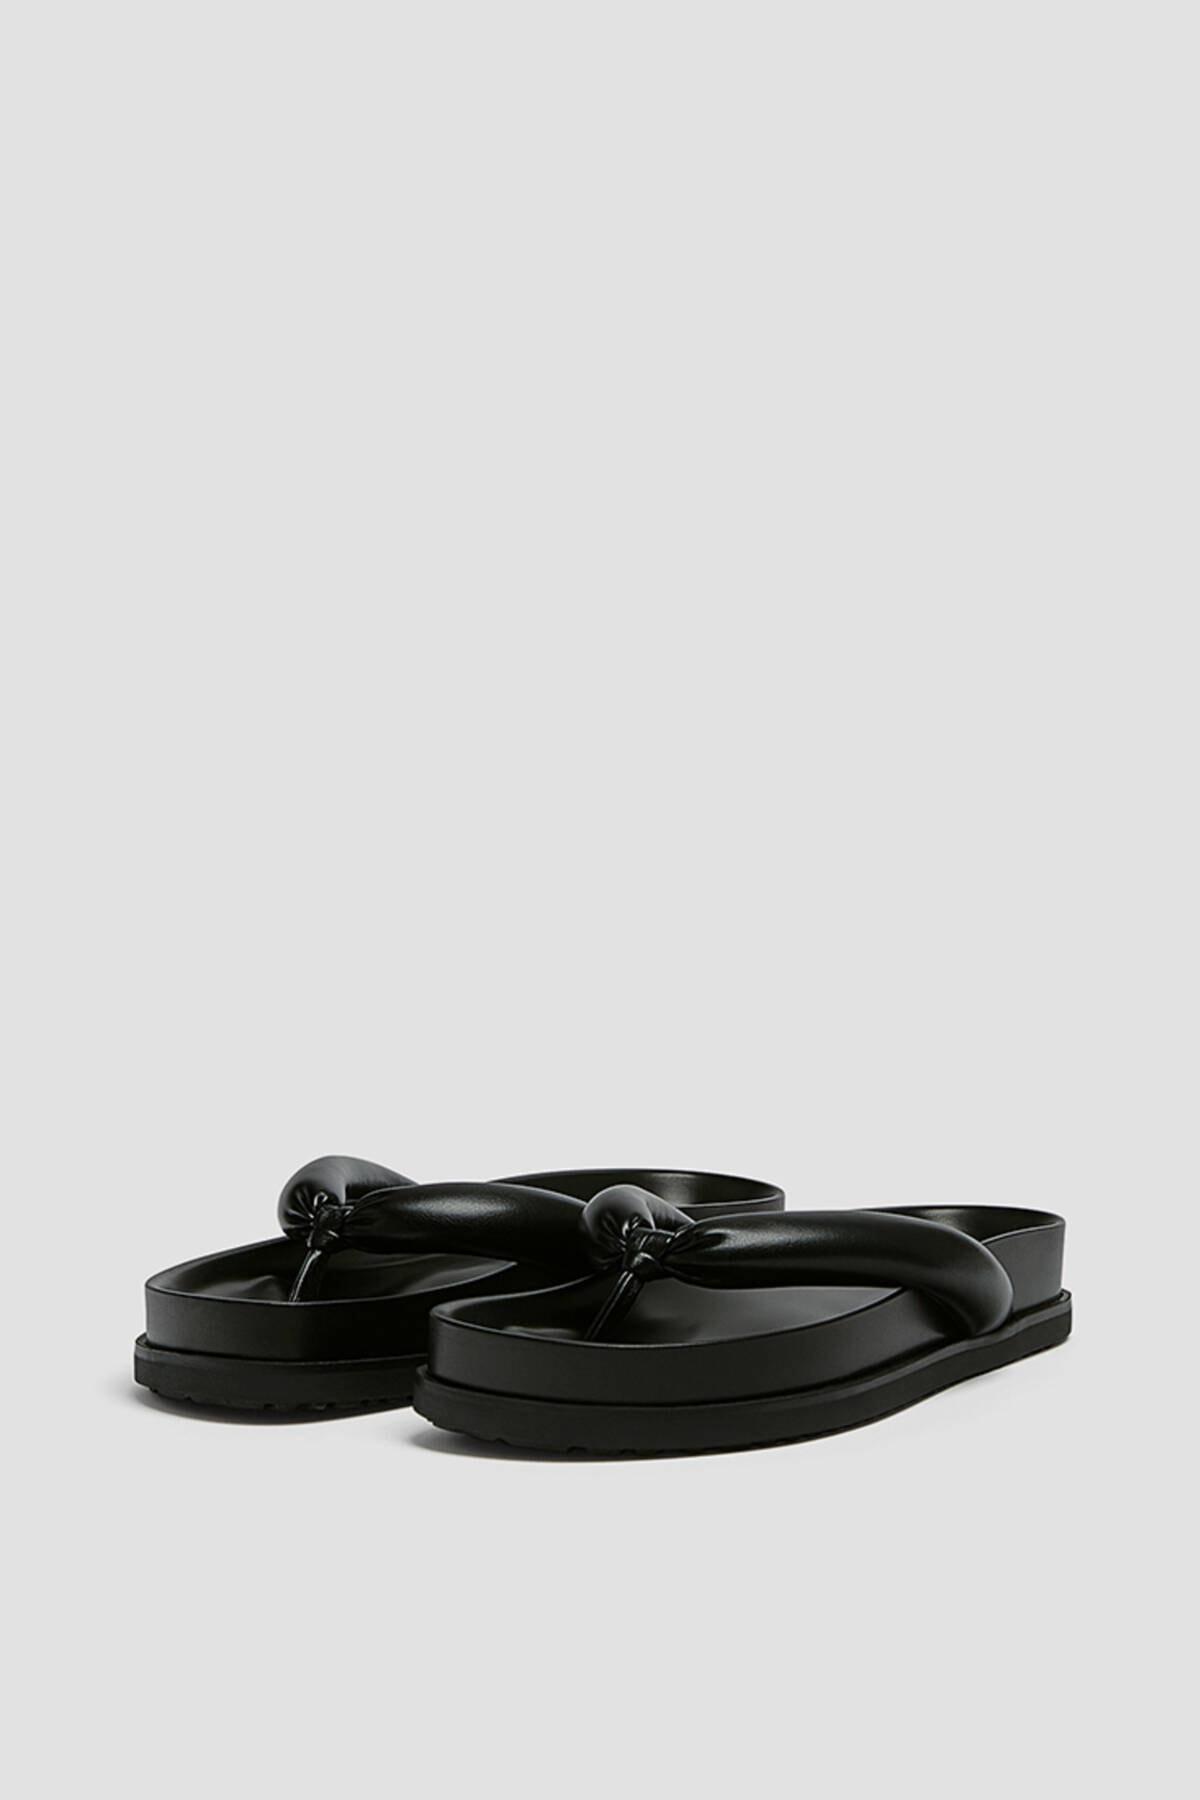 Pull & Bear Kadın Siyah Dolgulu Düz Sandalet 11808740 1